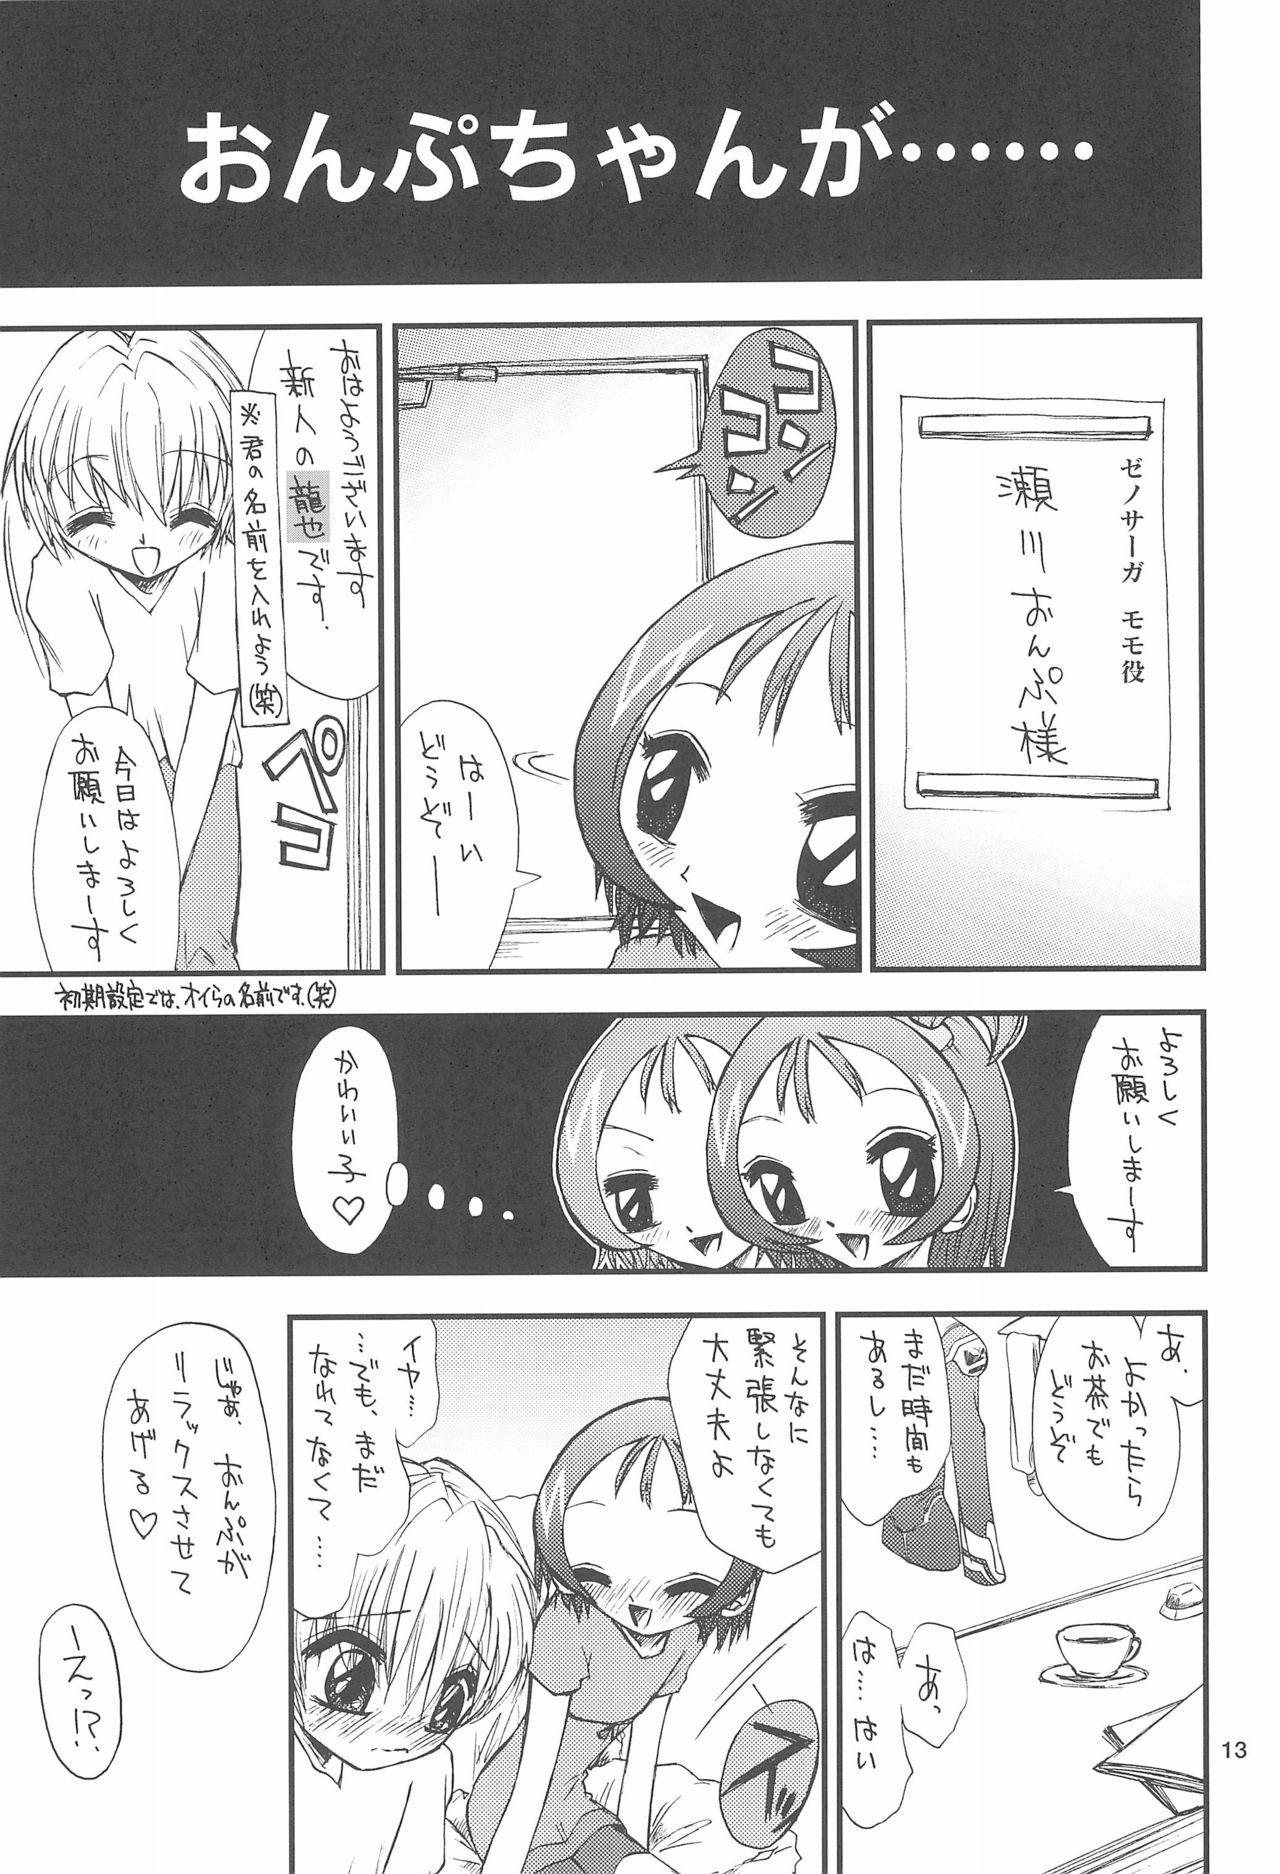 [Tokai Oohashi (Kari) (Ryu-ya)] Onpu-chan/Hana-chan (Ojamajo Doremi) 14